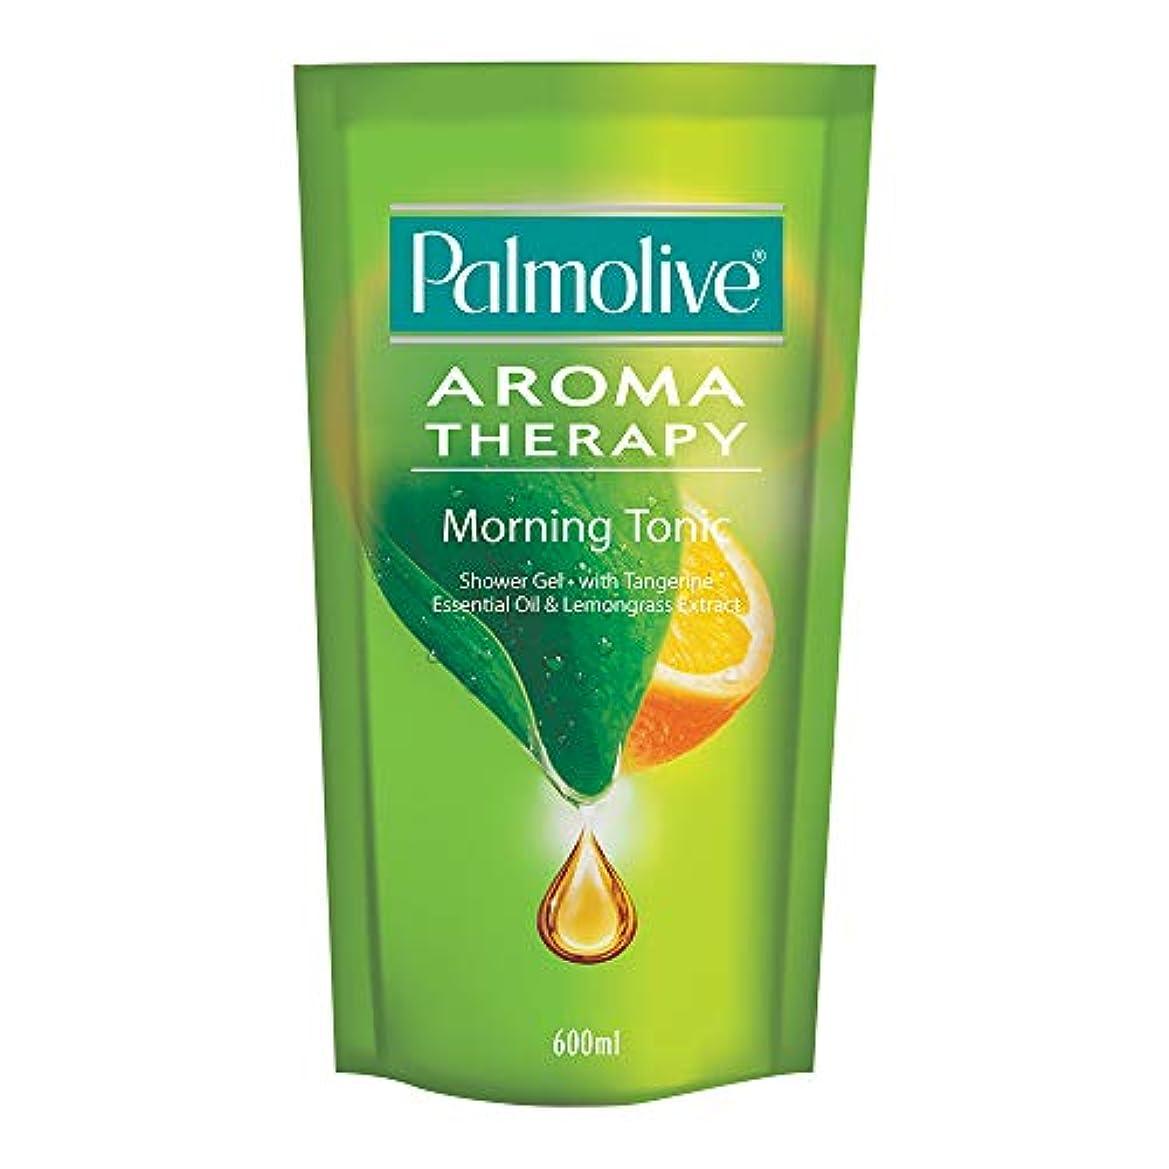 レビュー架空のパリティPalmolive/パルモリーブ AROMA Therapy Morning Tonic/モーニングトニック Shower Gel 600ml Refill 詰替